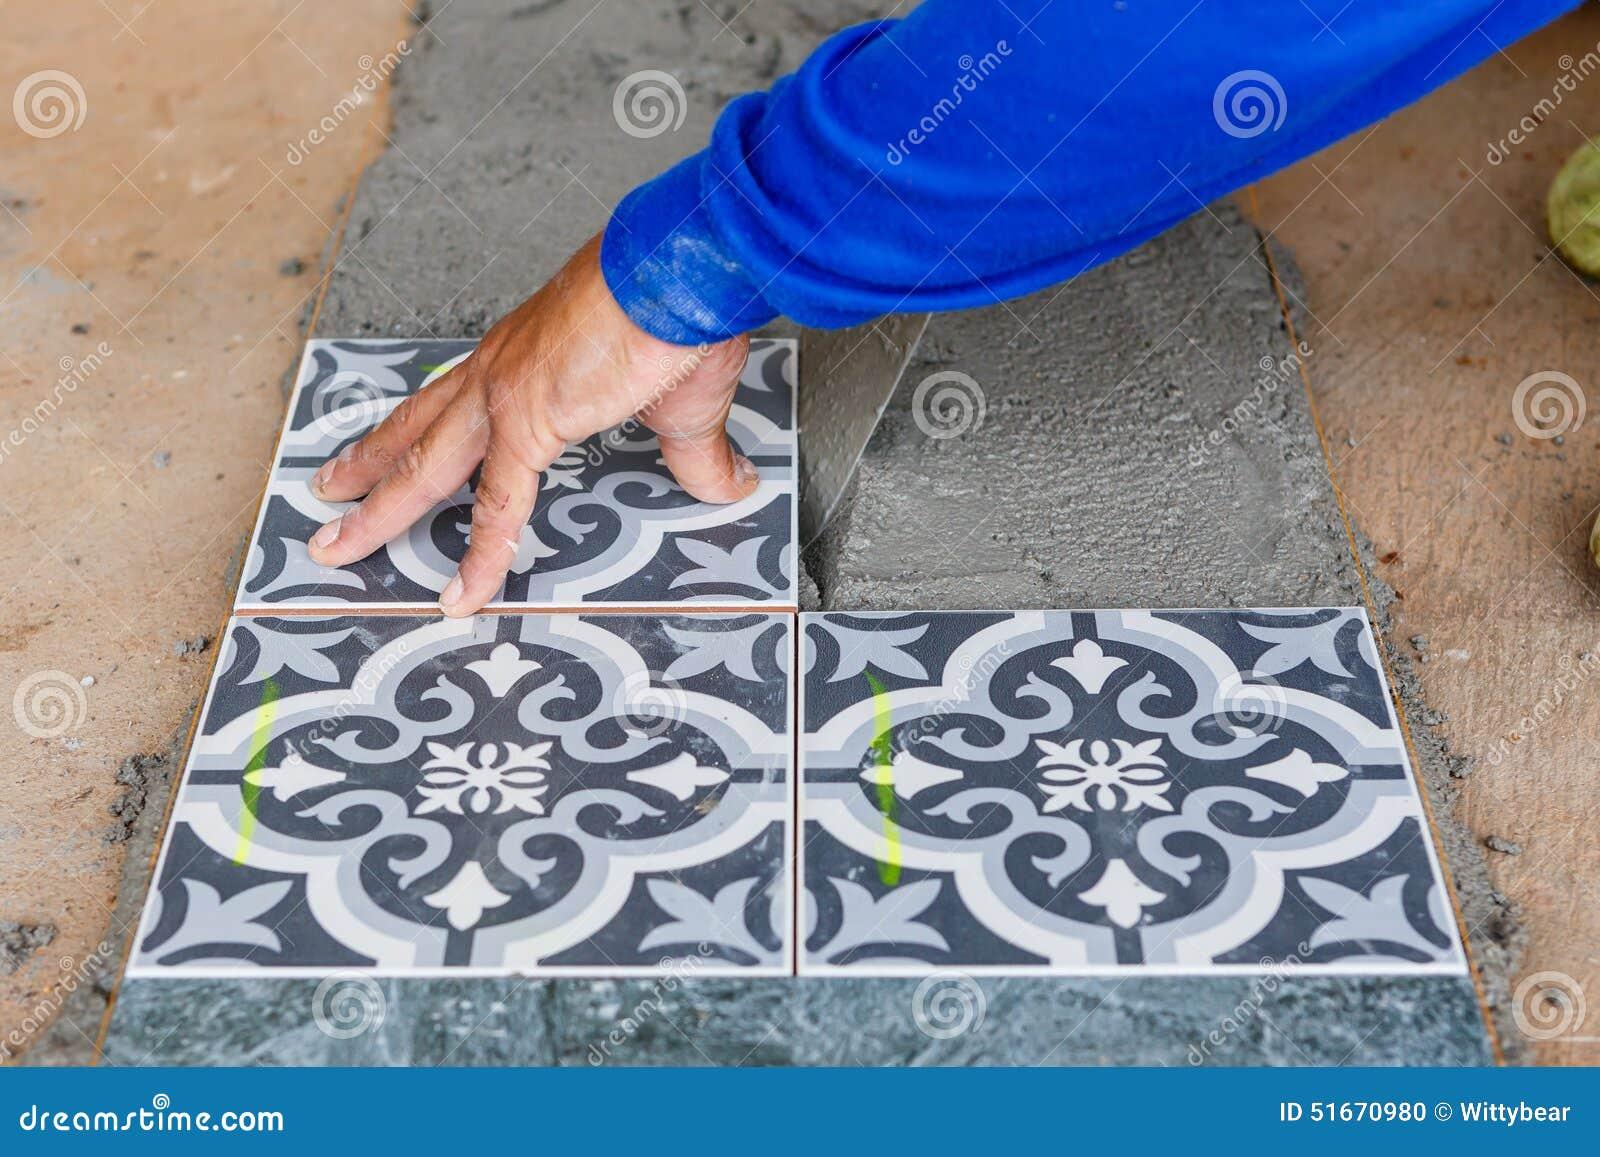 Installazione della piastrella per pavimento per la costruzione di